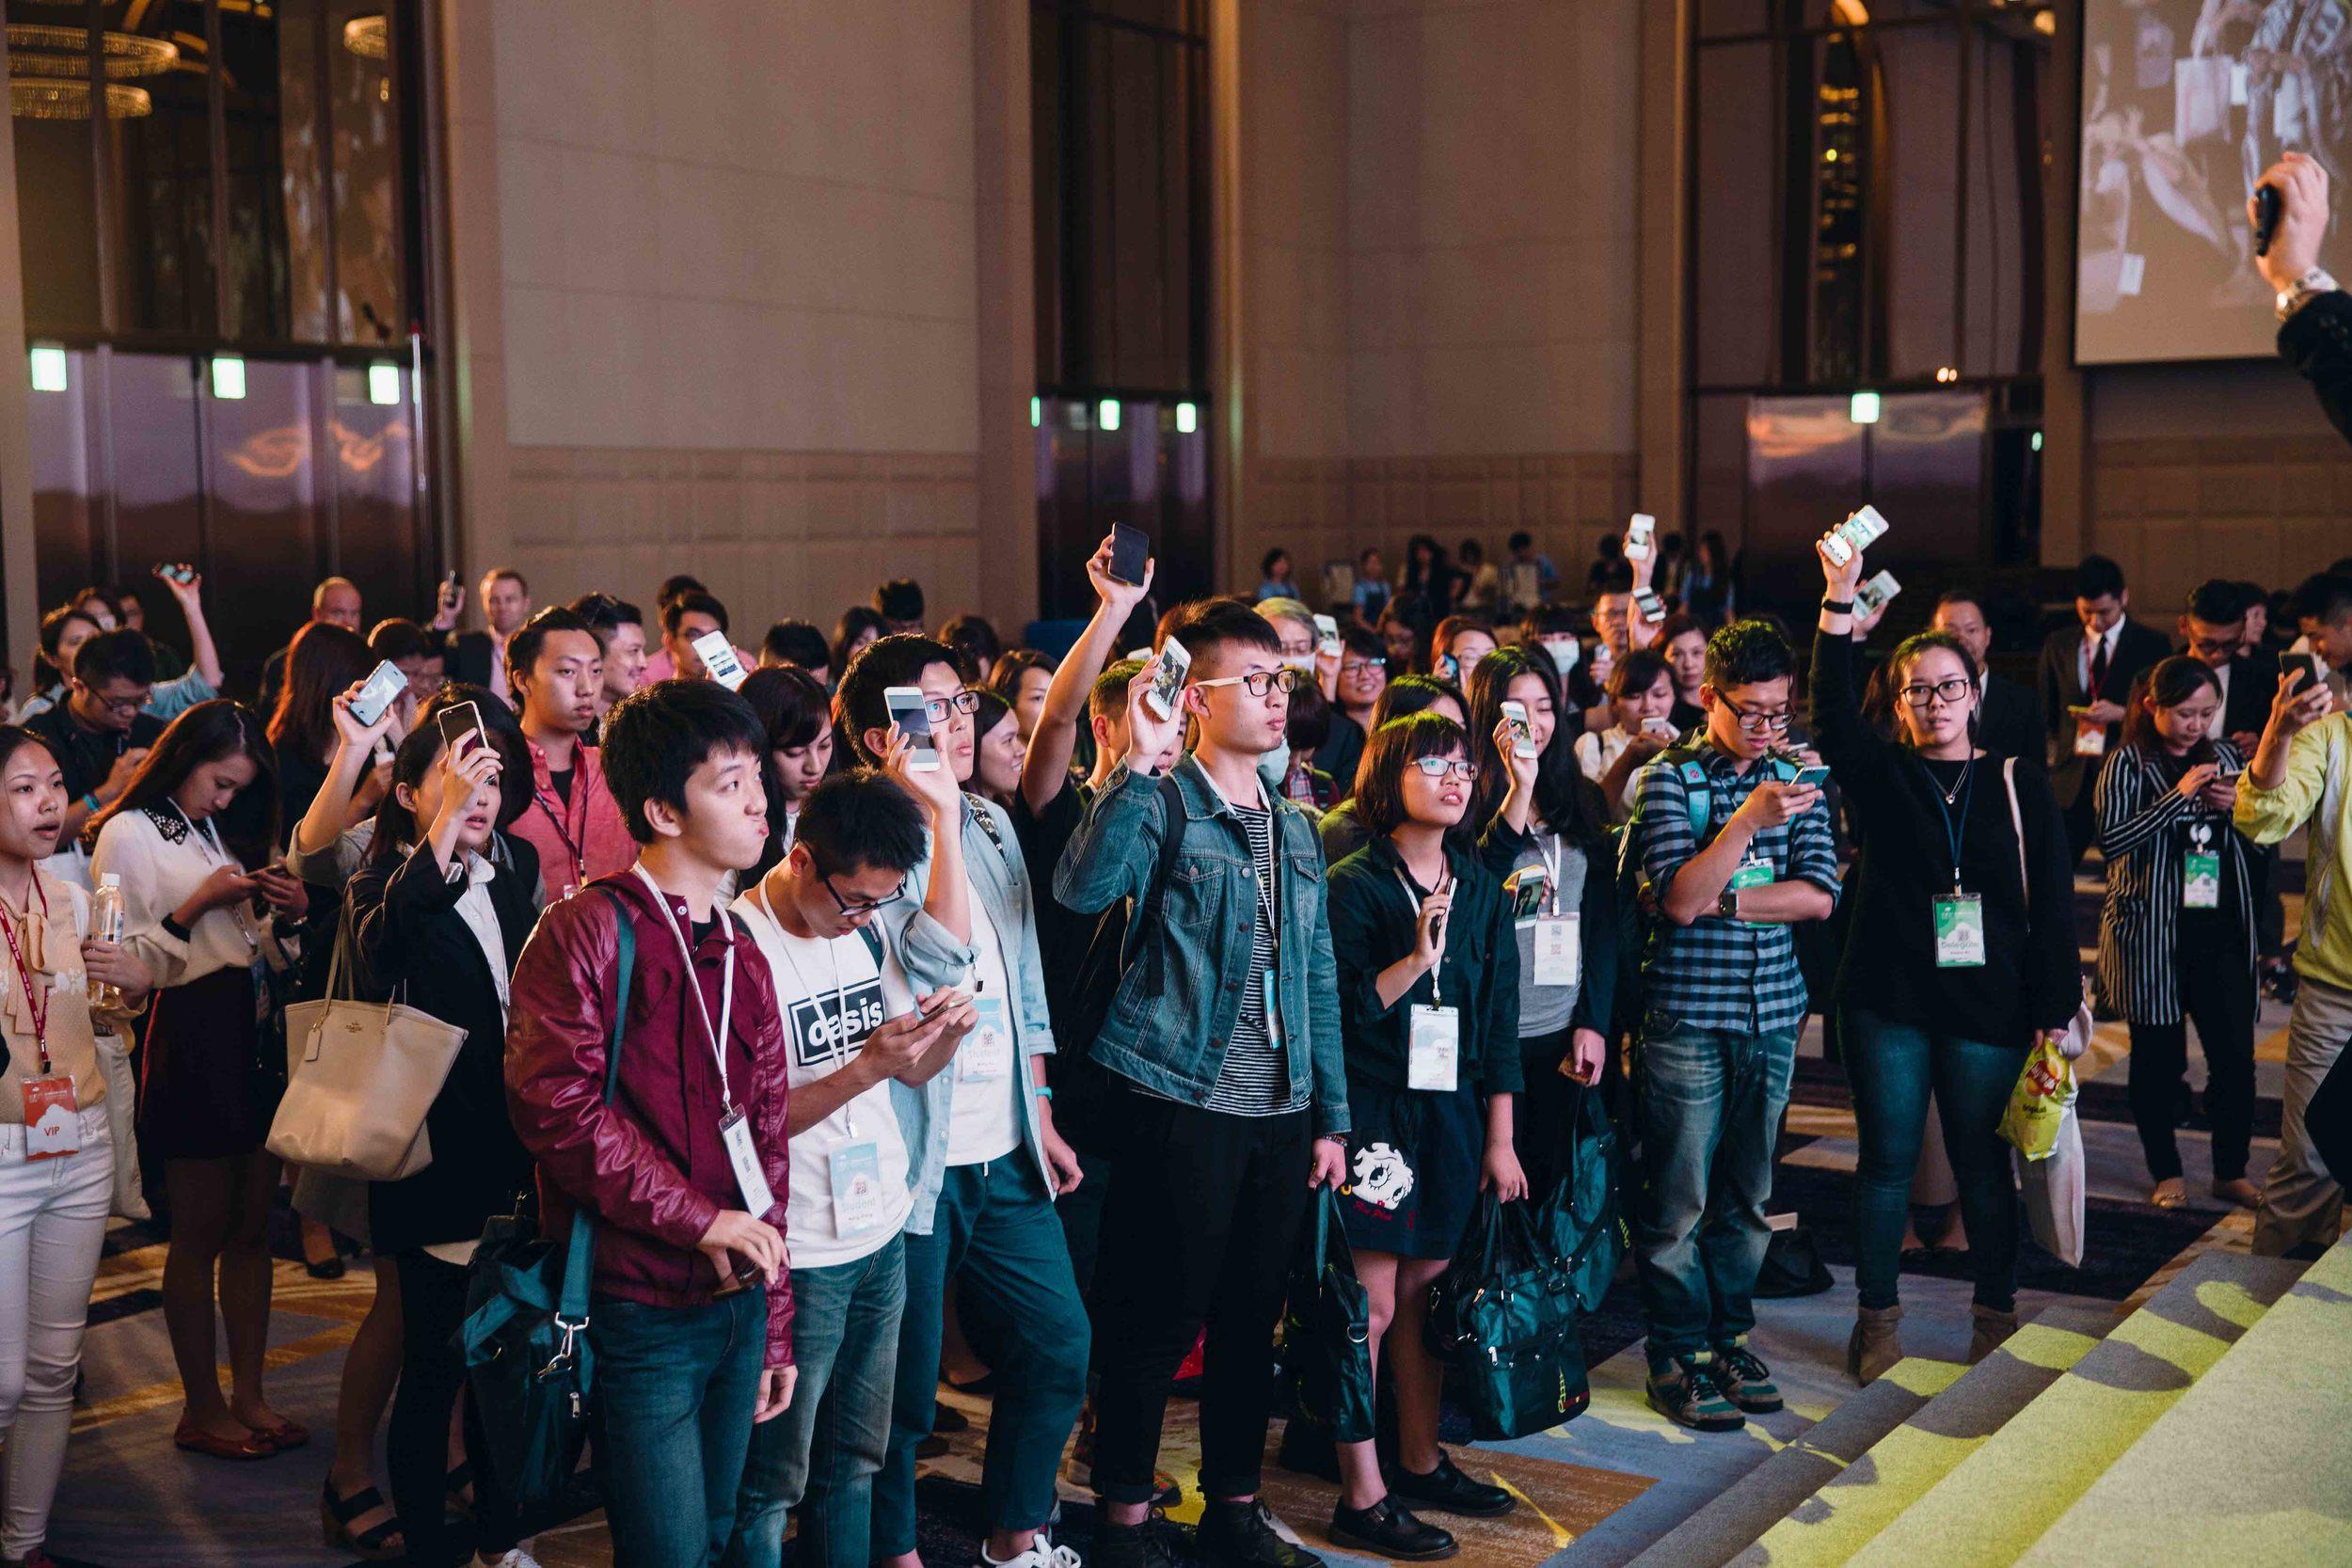 Wuz_newwebsite_event_136.JPG